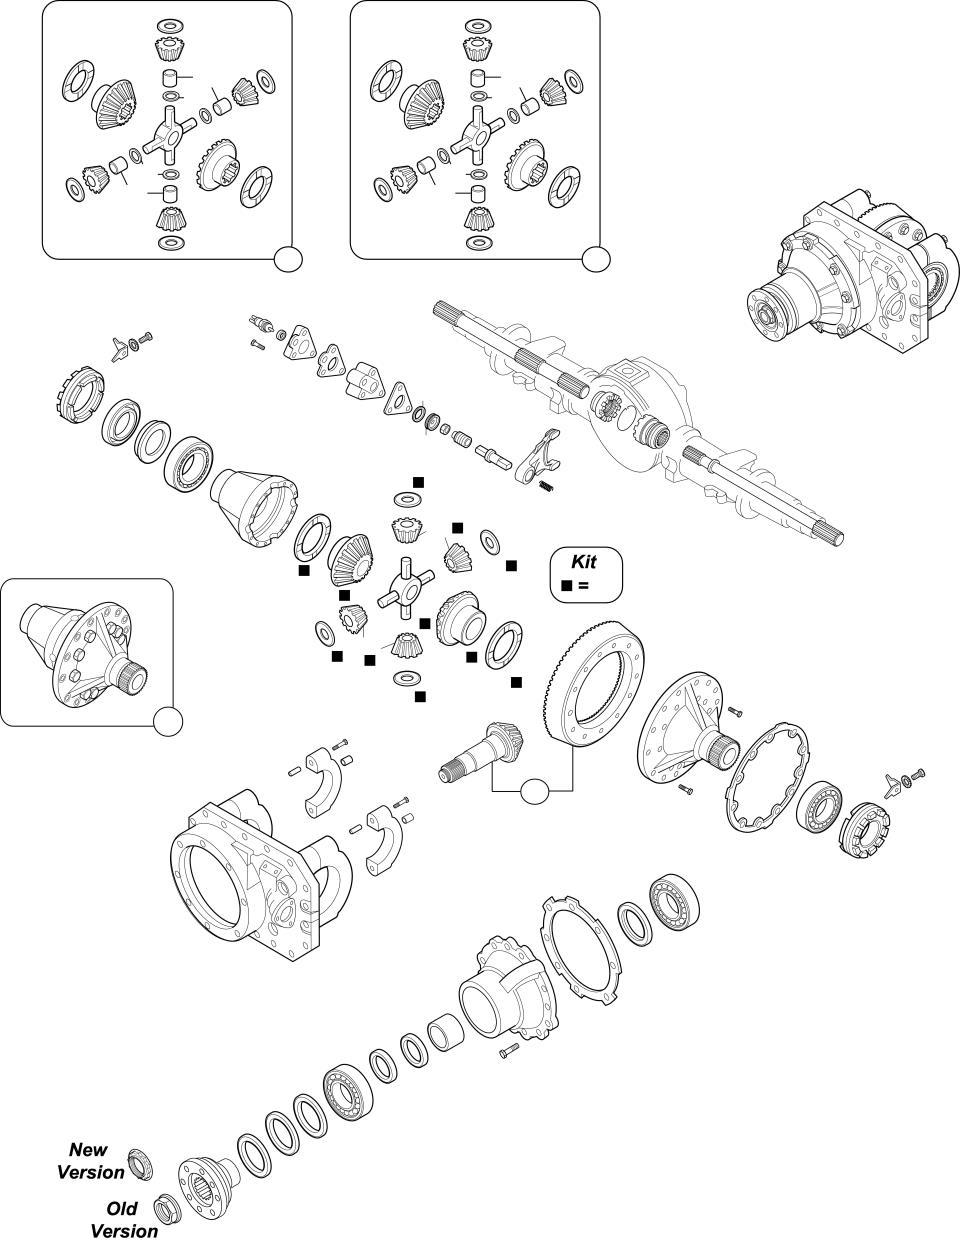 Η7-13120 - Η7-16120 - Η913120 (Μεγάλο Διαφορικό ΕΥΡΩΠΑ 13αρι)